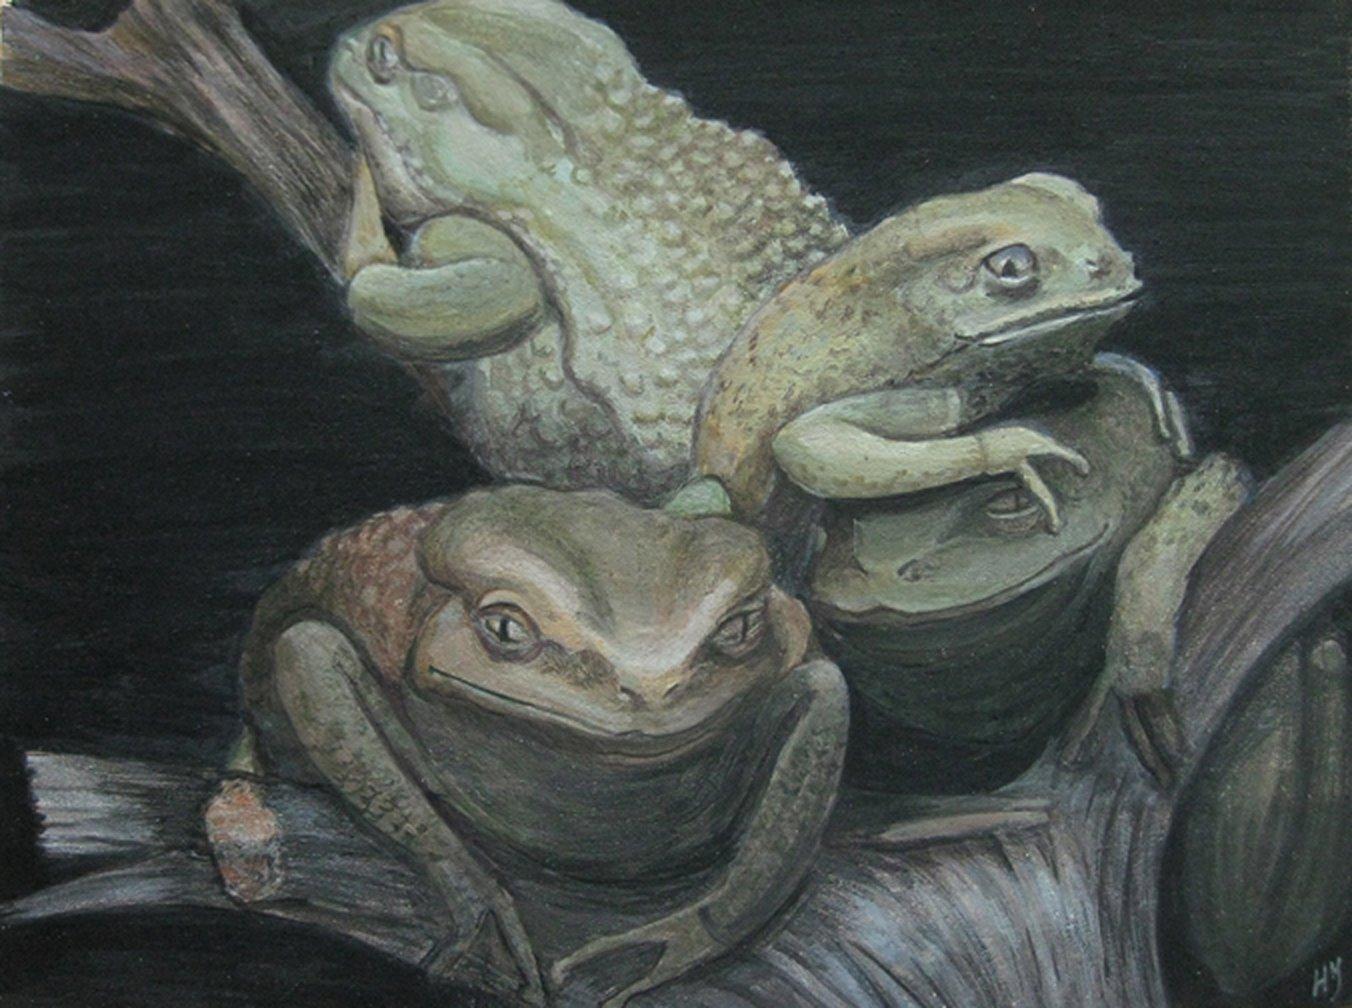 Waxy Tree Frogs